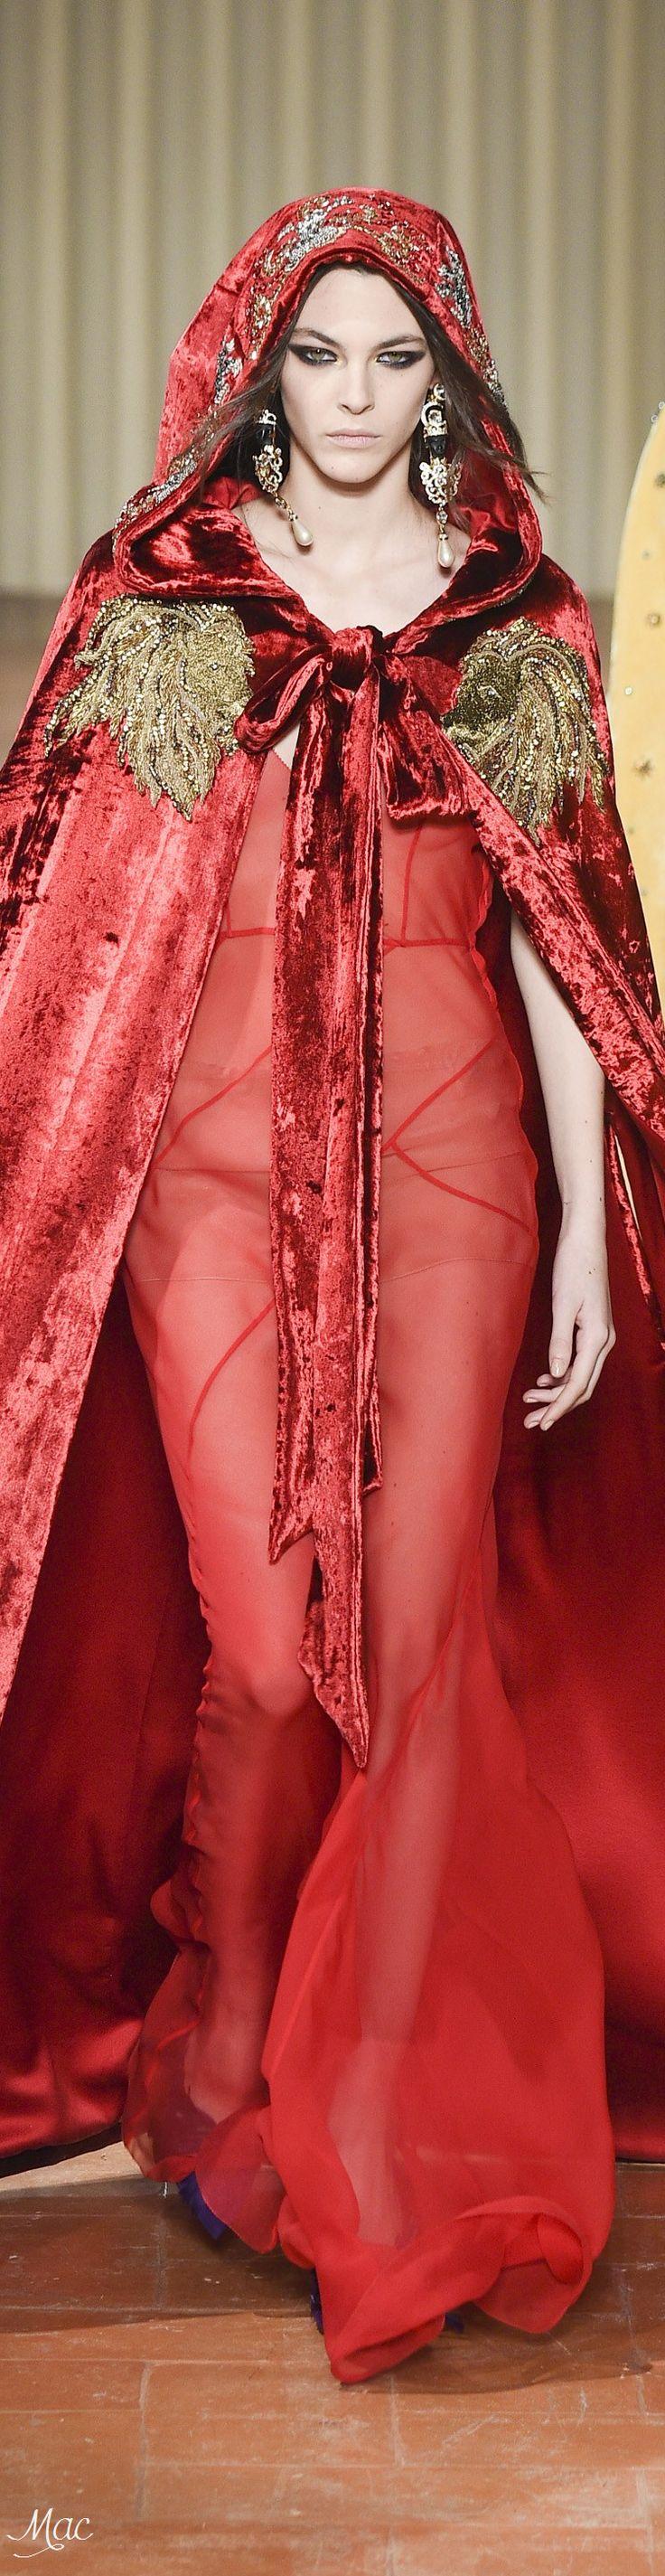 mejores imágenes de Red en Pinterest Rojo Vestido rojo y